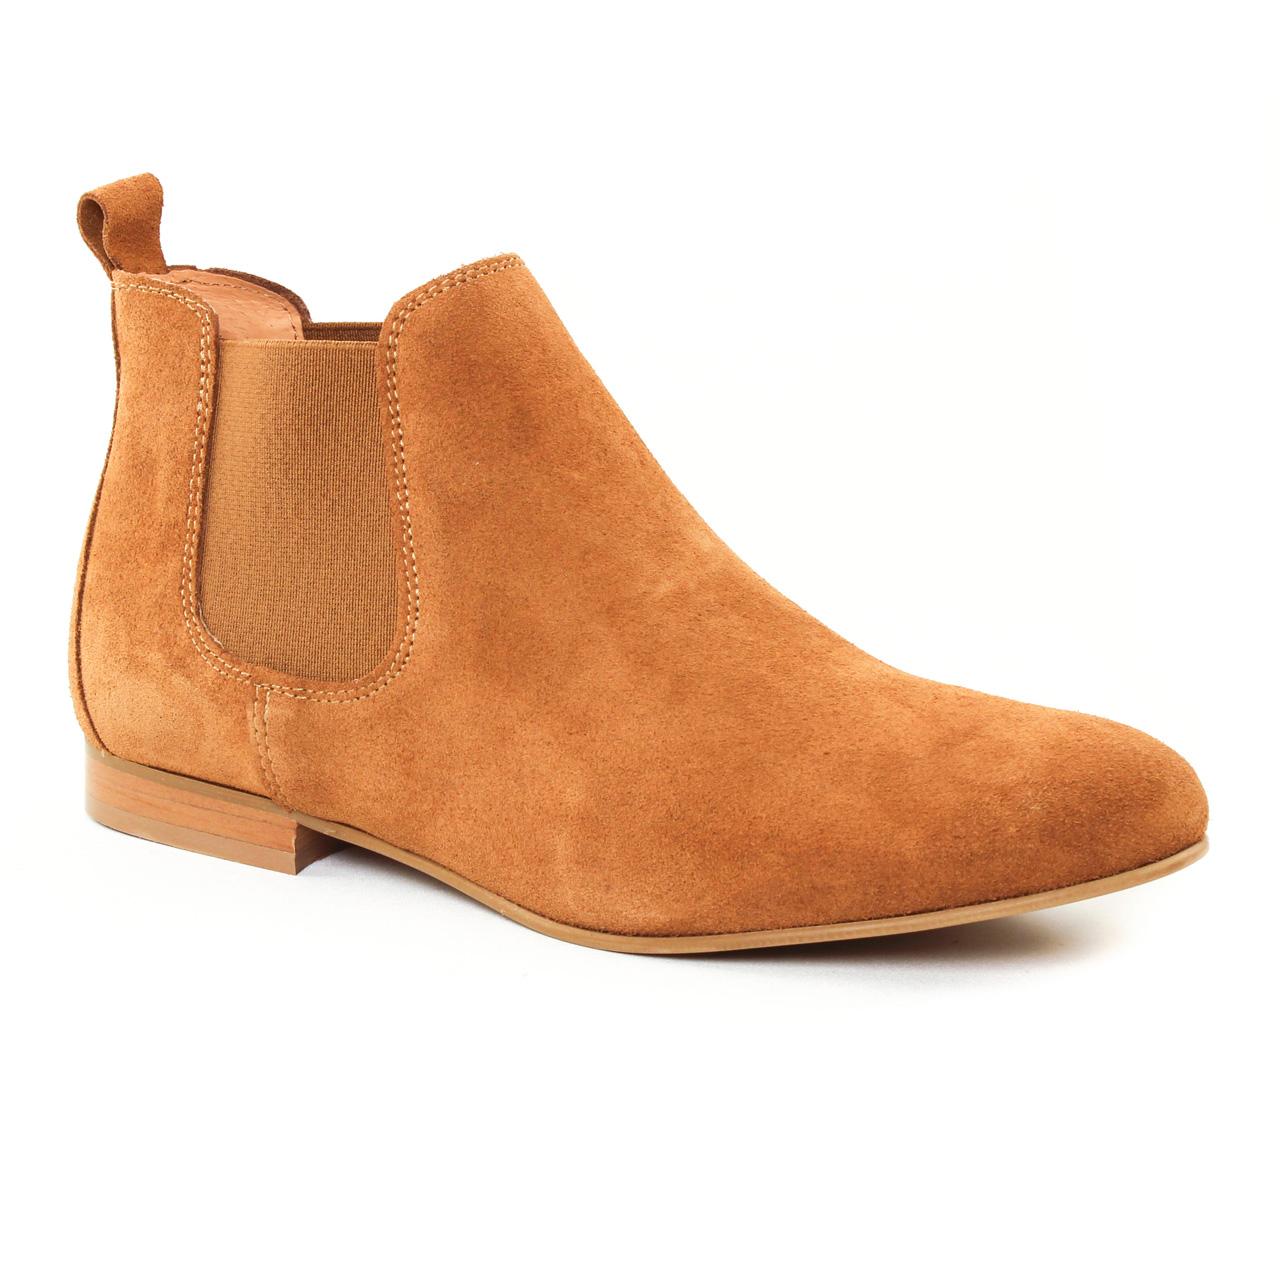 scarlatine 6444 camel | boot élastiquées marron printemps été chez